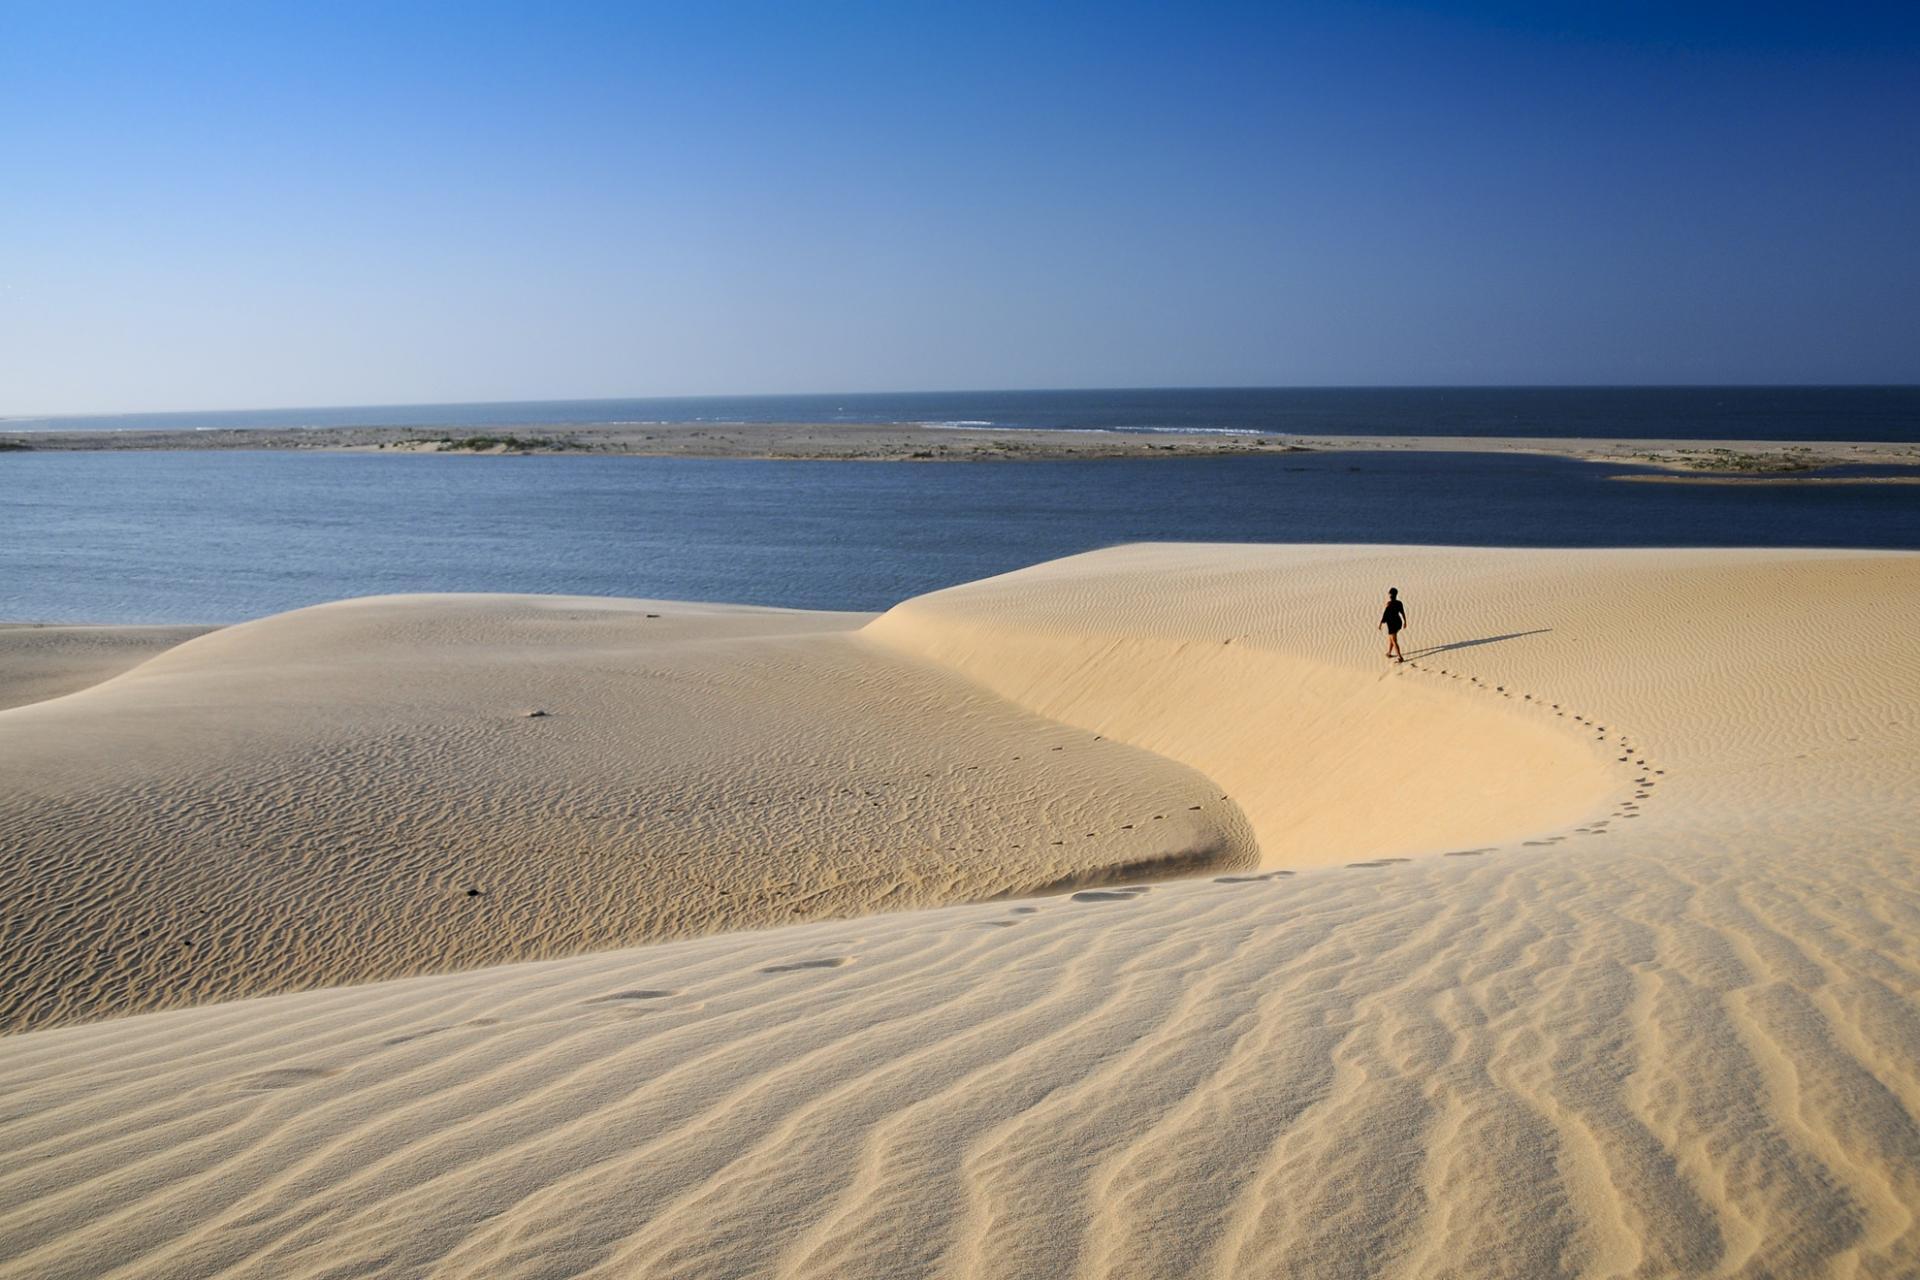 Einsamer Wanderer in den Sanddünen von Jericoacoara hinterlässt Fußspuren auf dem Weg zum Meer